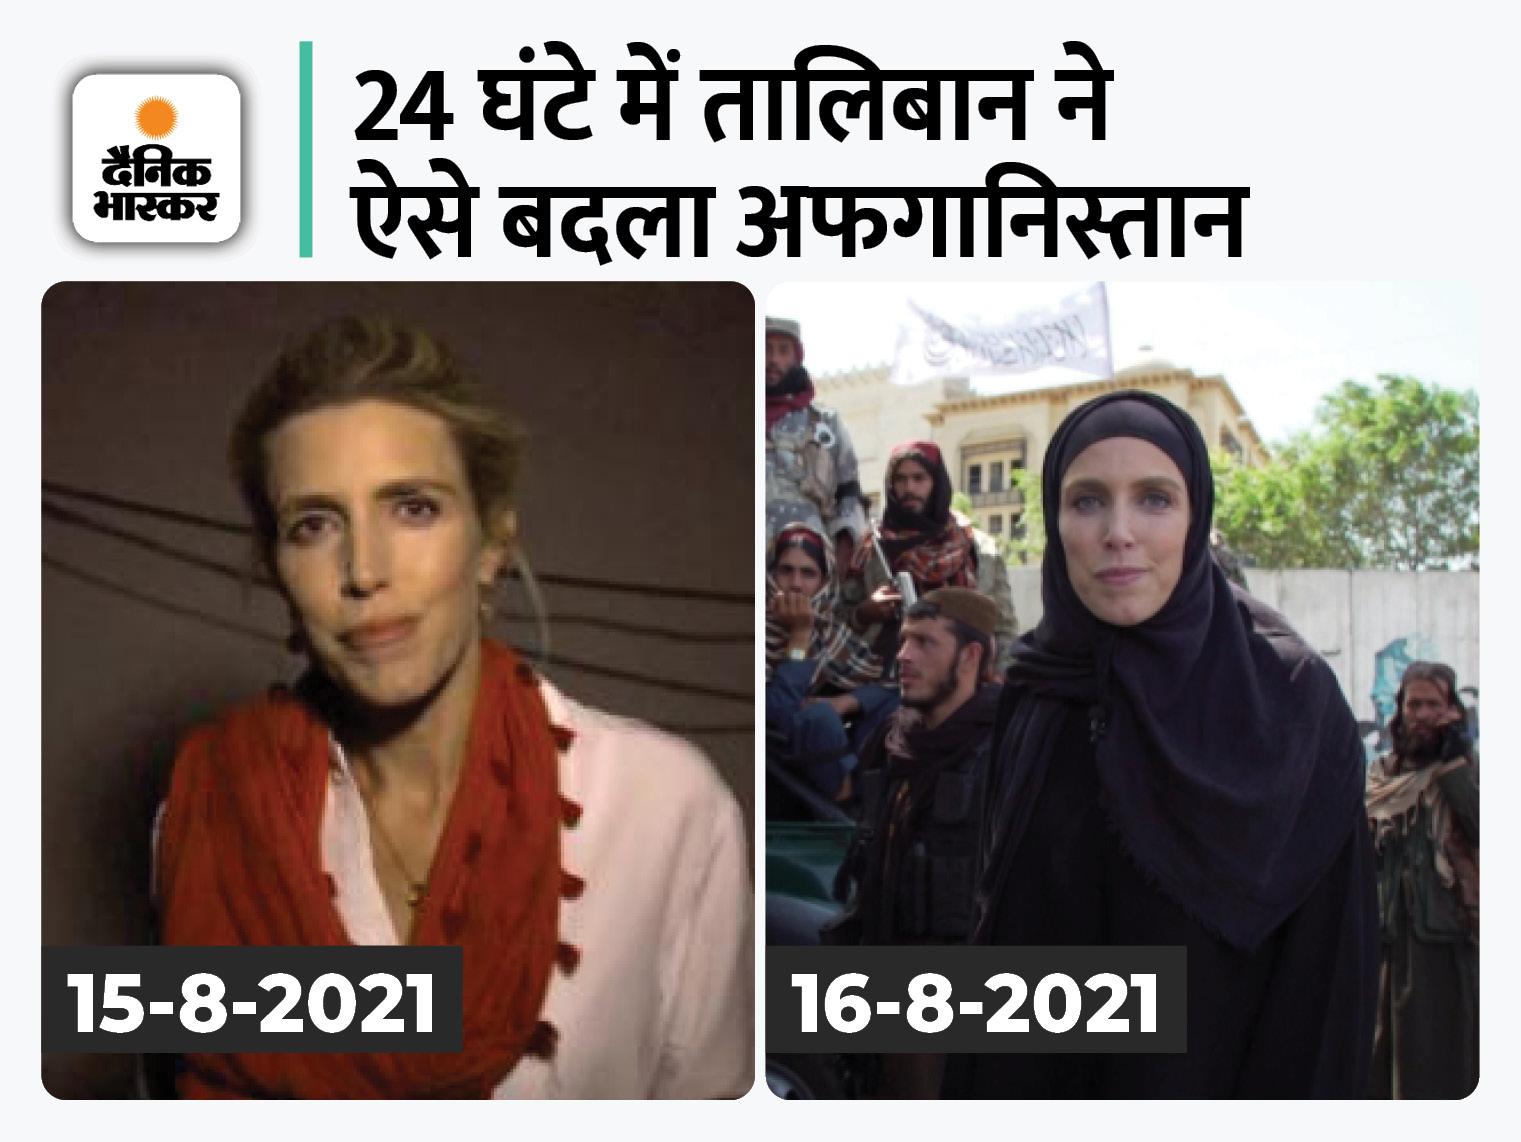 अफगानिस्तान में CNN की रिपोर्टर हिजाब पहने नजर आईं, कहा- तालिबानियों का रवैया दोस्ताना विदेश,International - Dainik Bhaskar